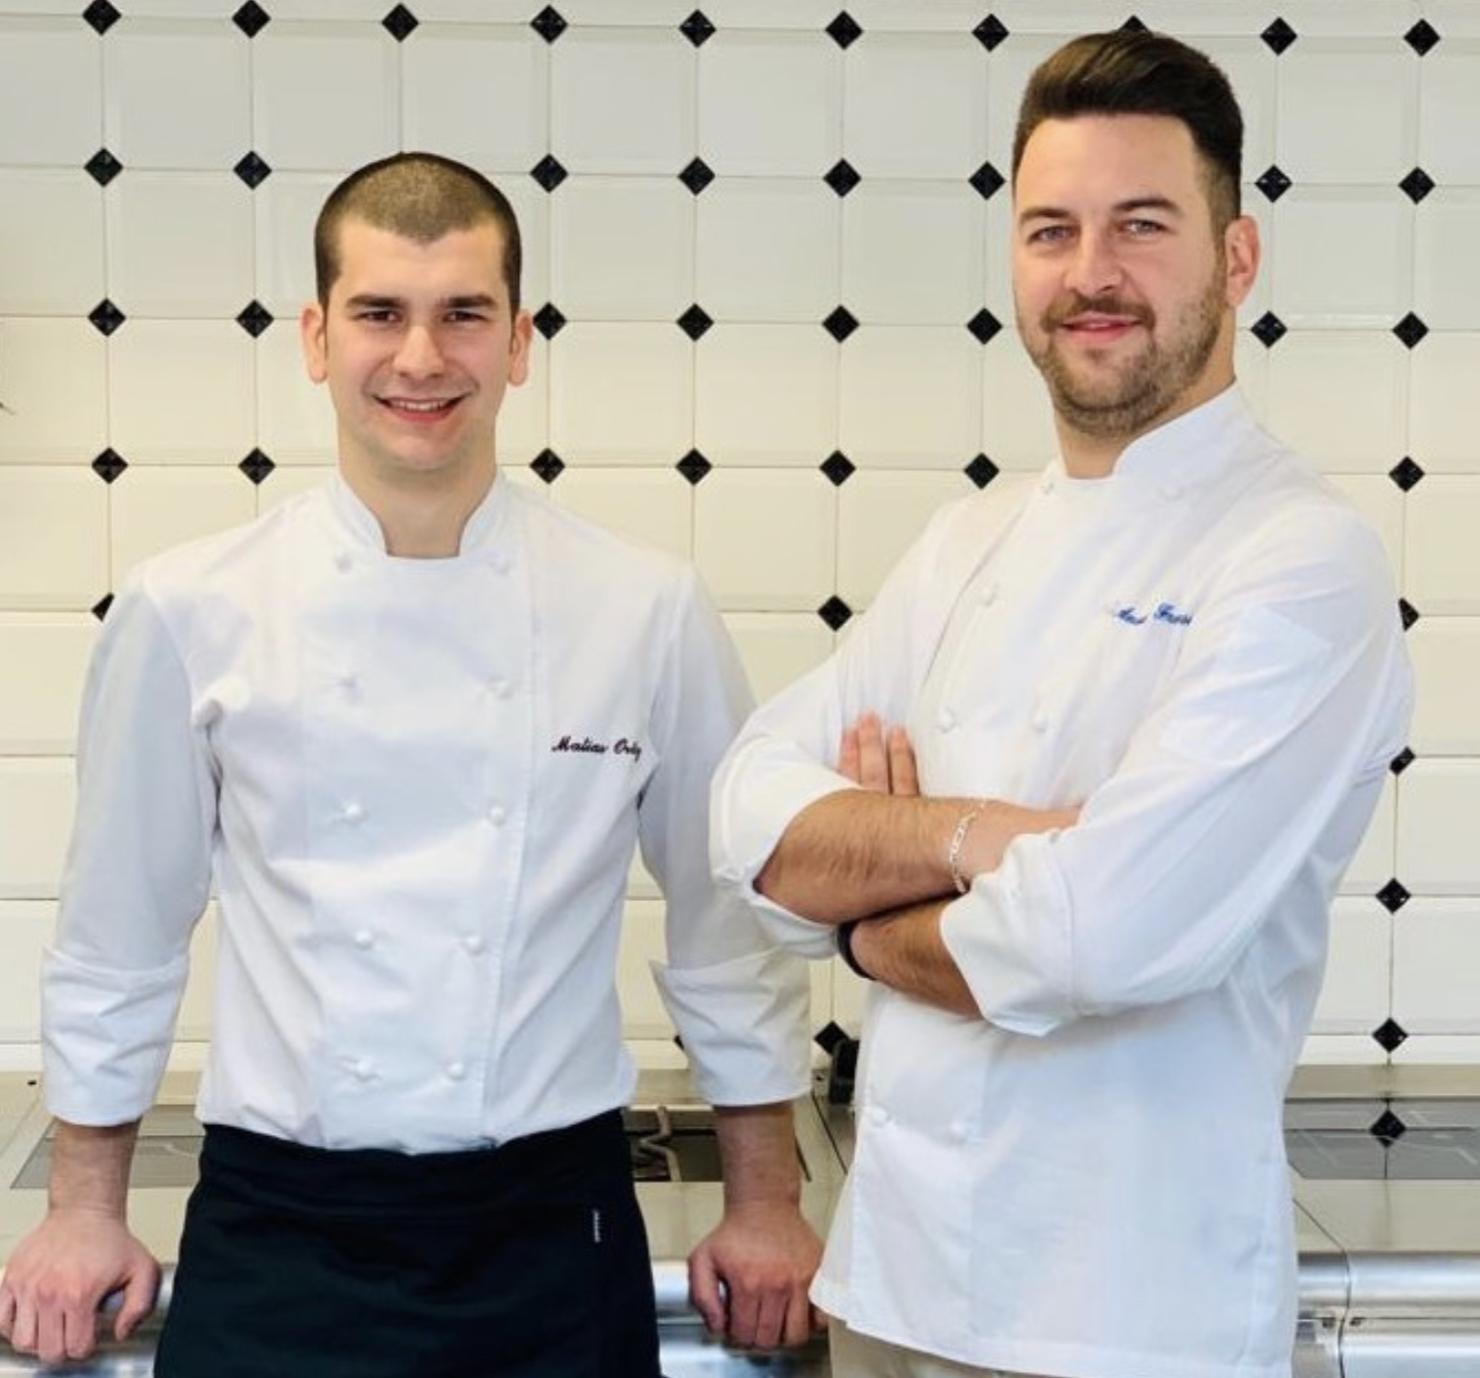 MatiasOrtiz e Anatolij Franzese, rispettivamente chef e pasticciere del bar e ristorante Teatro alla Scala Il Foyer